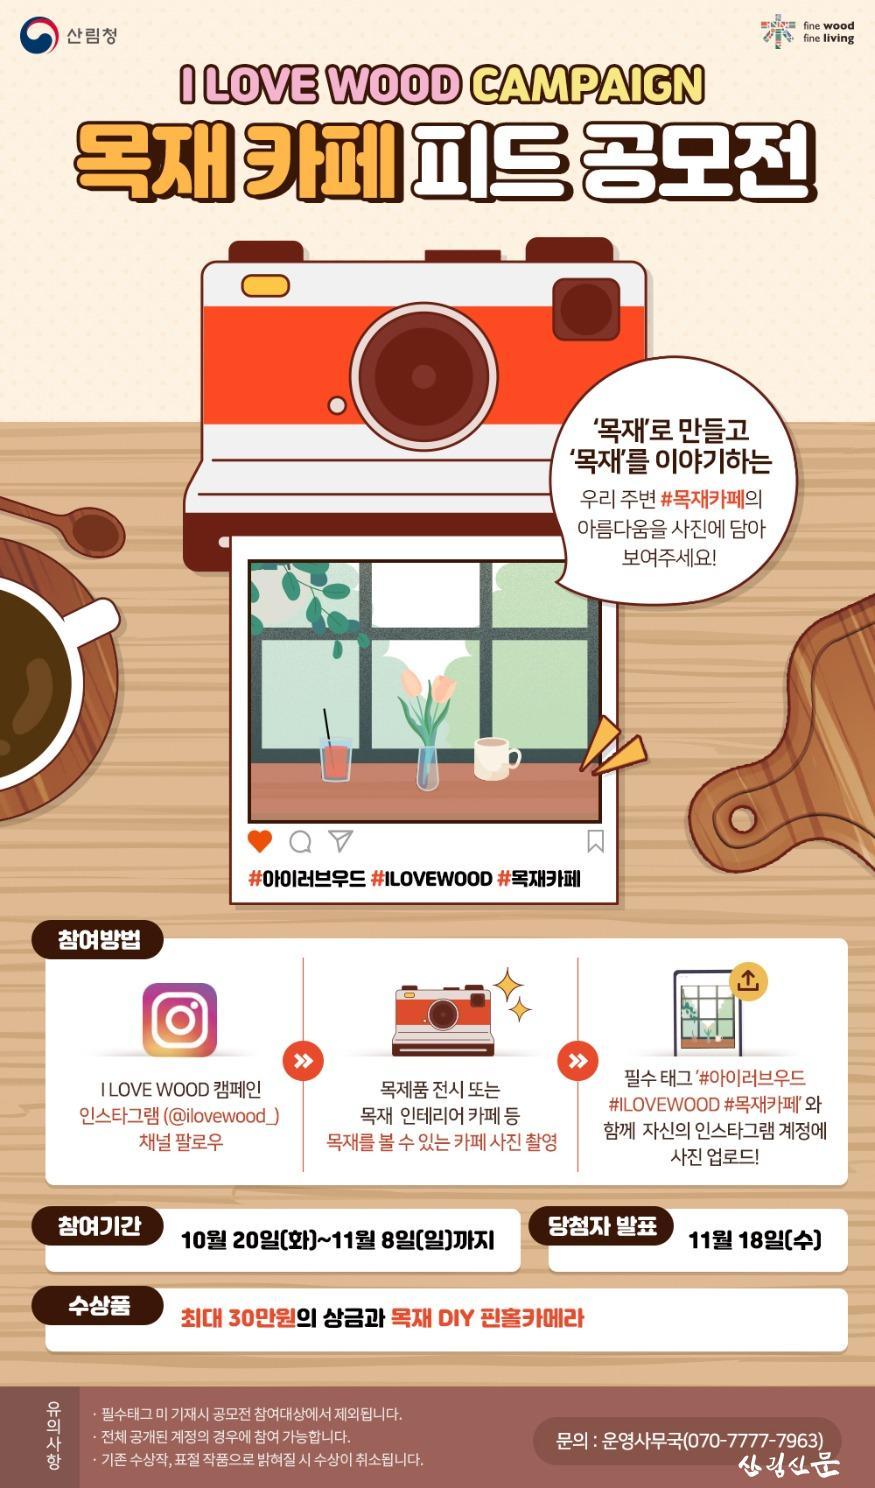 일상 속 목재의 모습 재조명하는 '목 재 카페 게시물 공모전' 개최.jpg